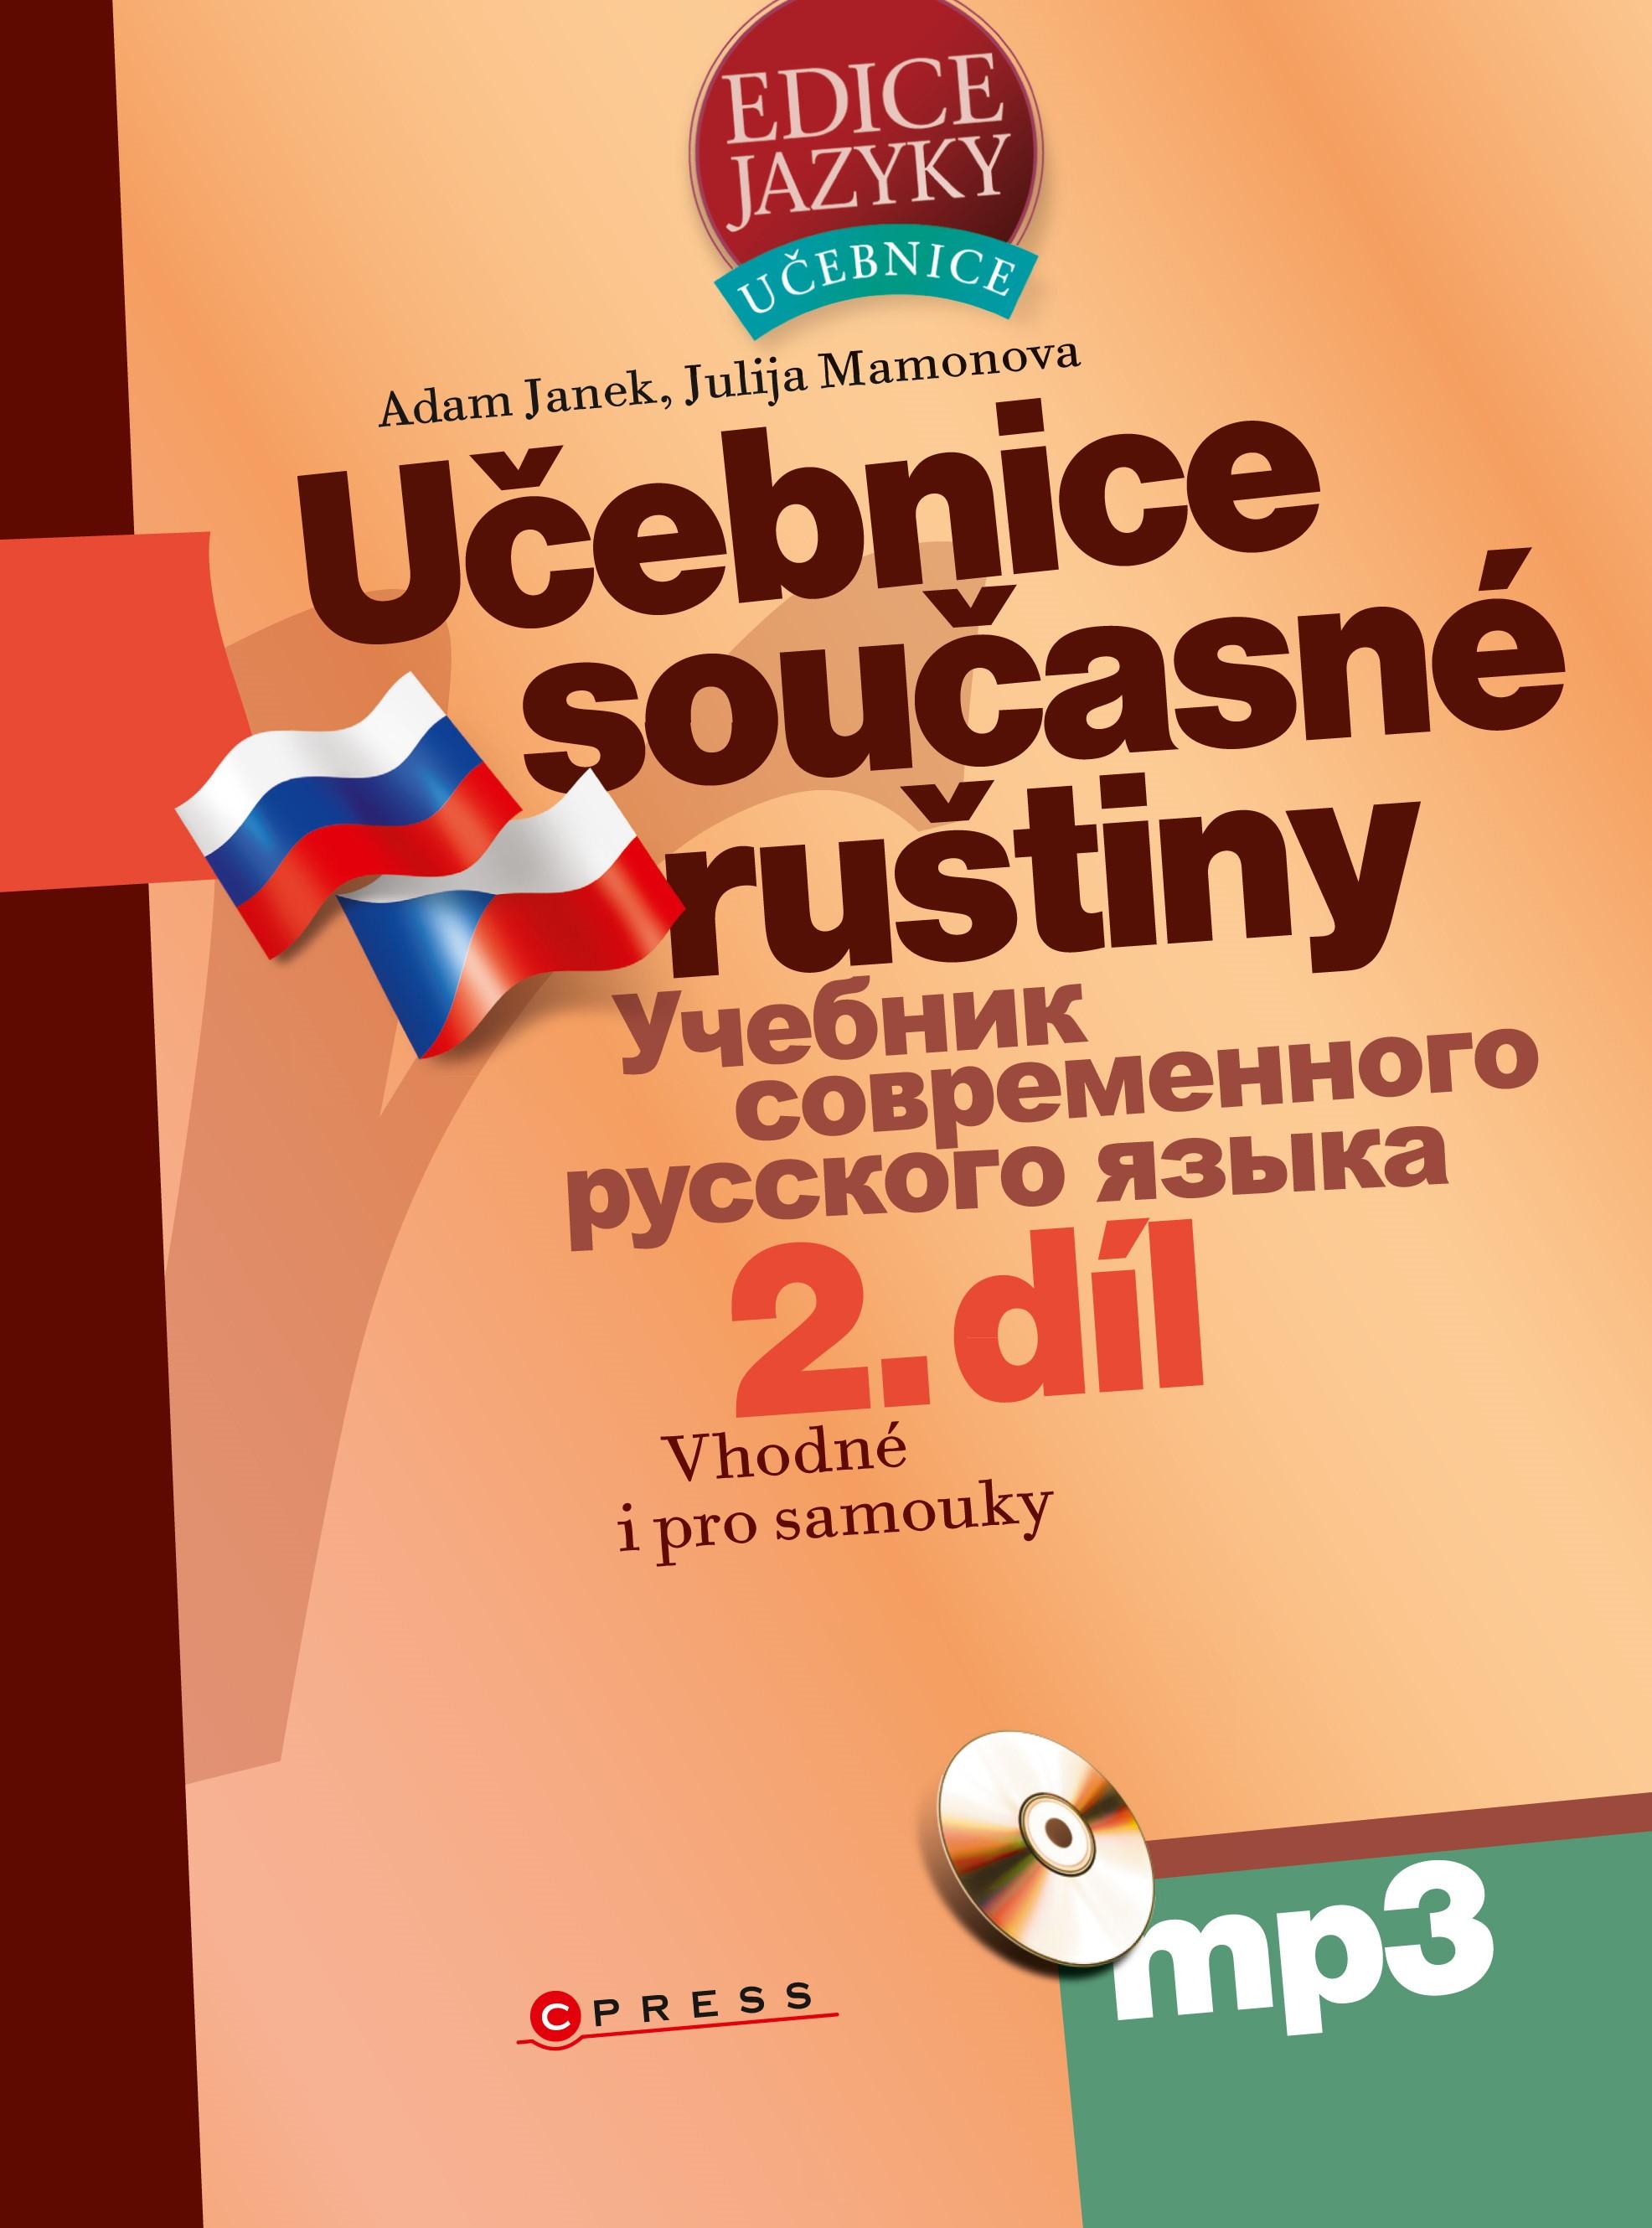 Učebnice současné ruštiny, 2. díl + mp3 | Yulia Mamonova, Adam Janek